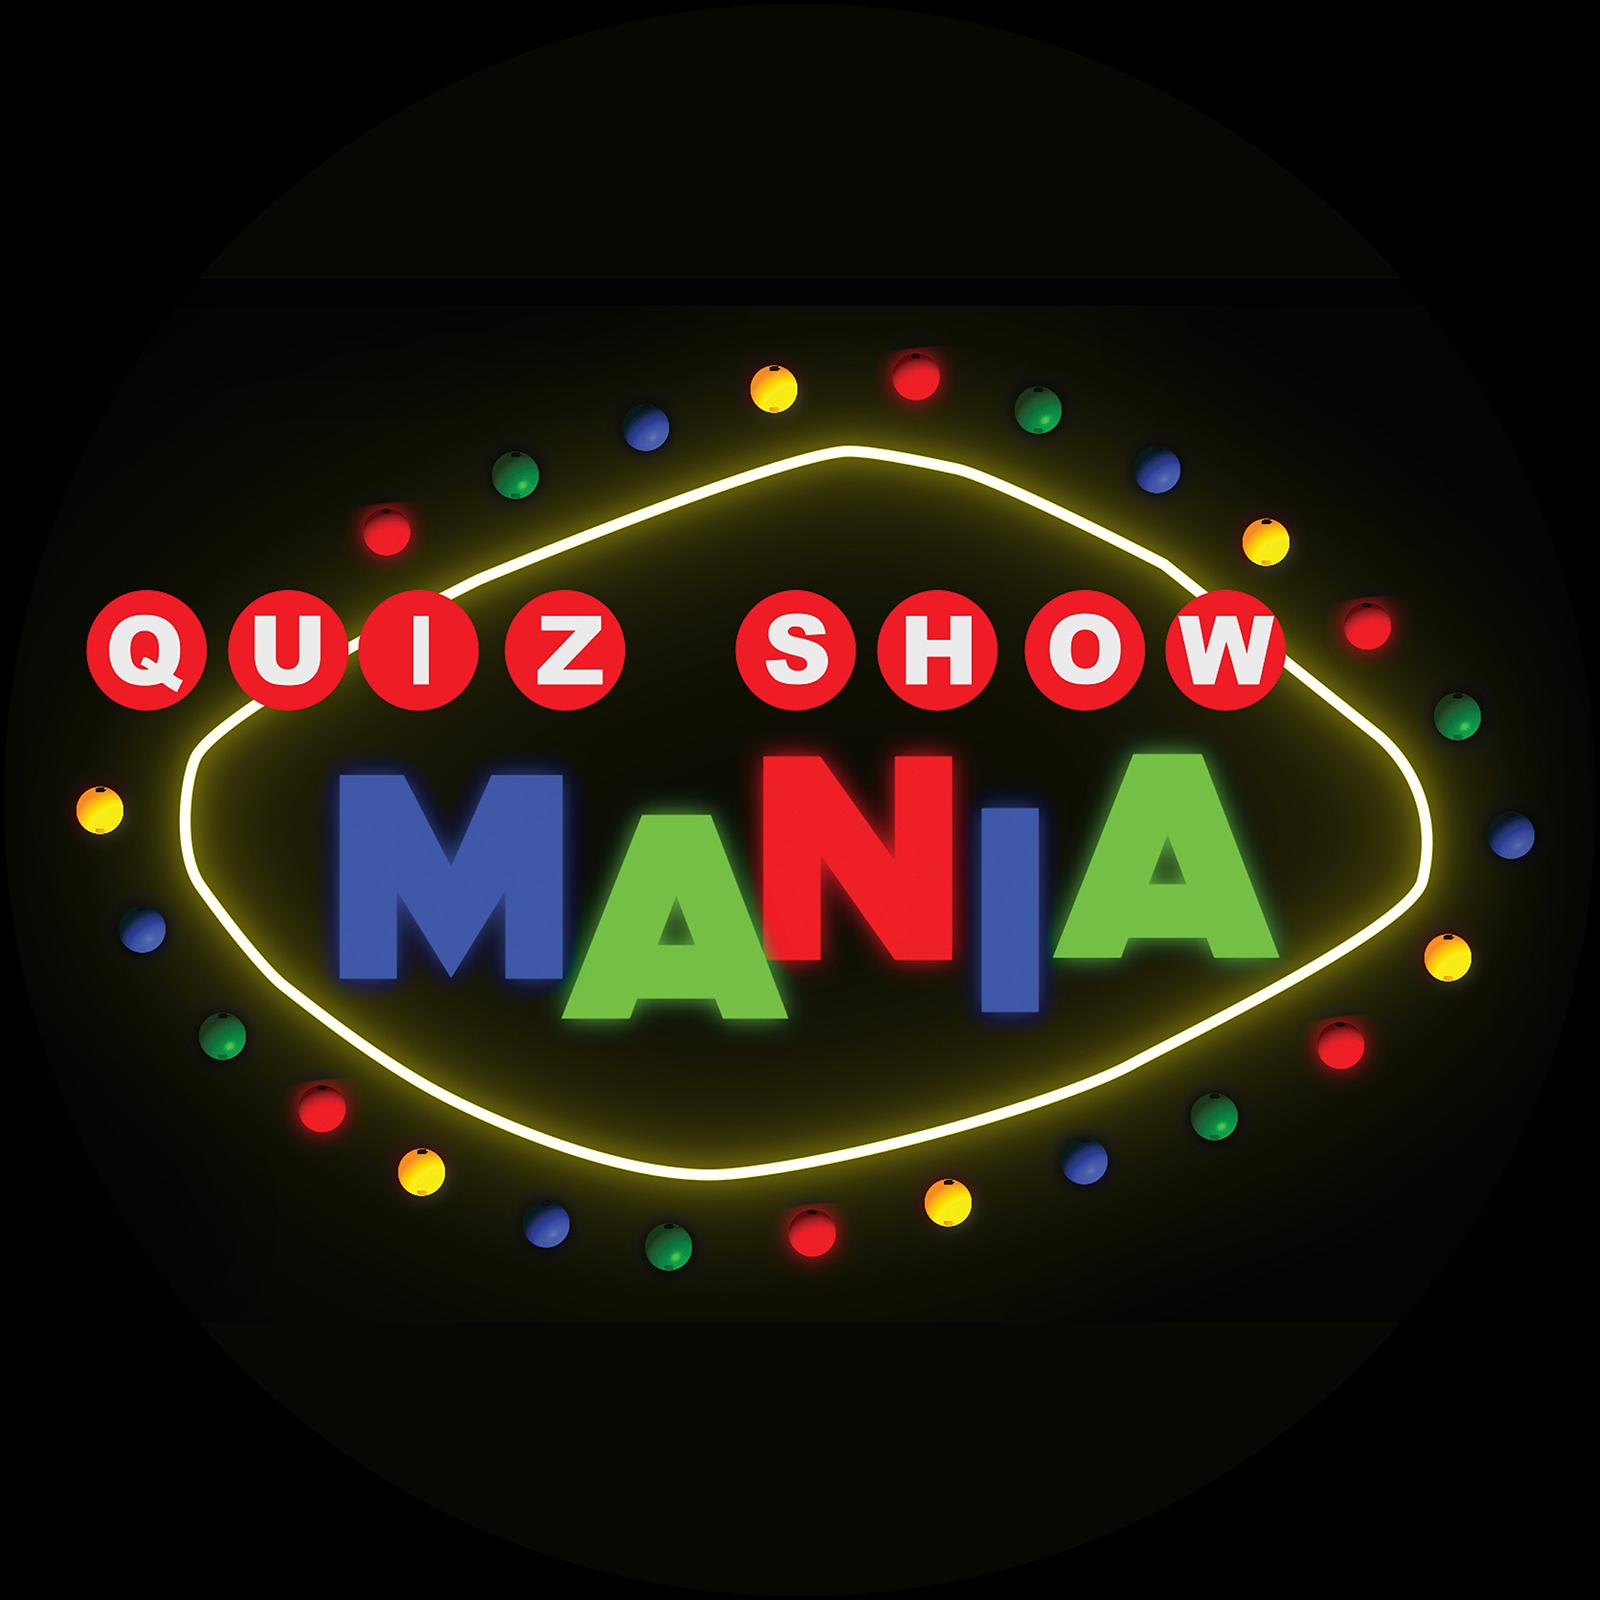 Quiz Show Mania